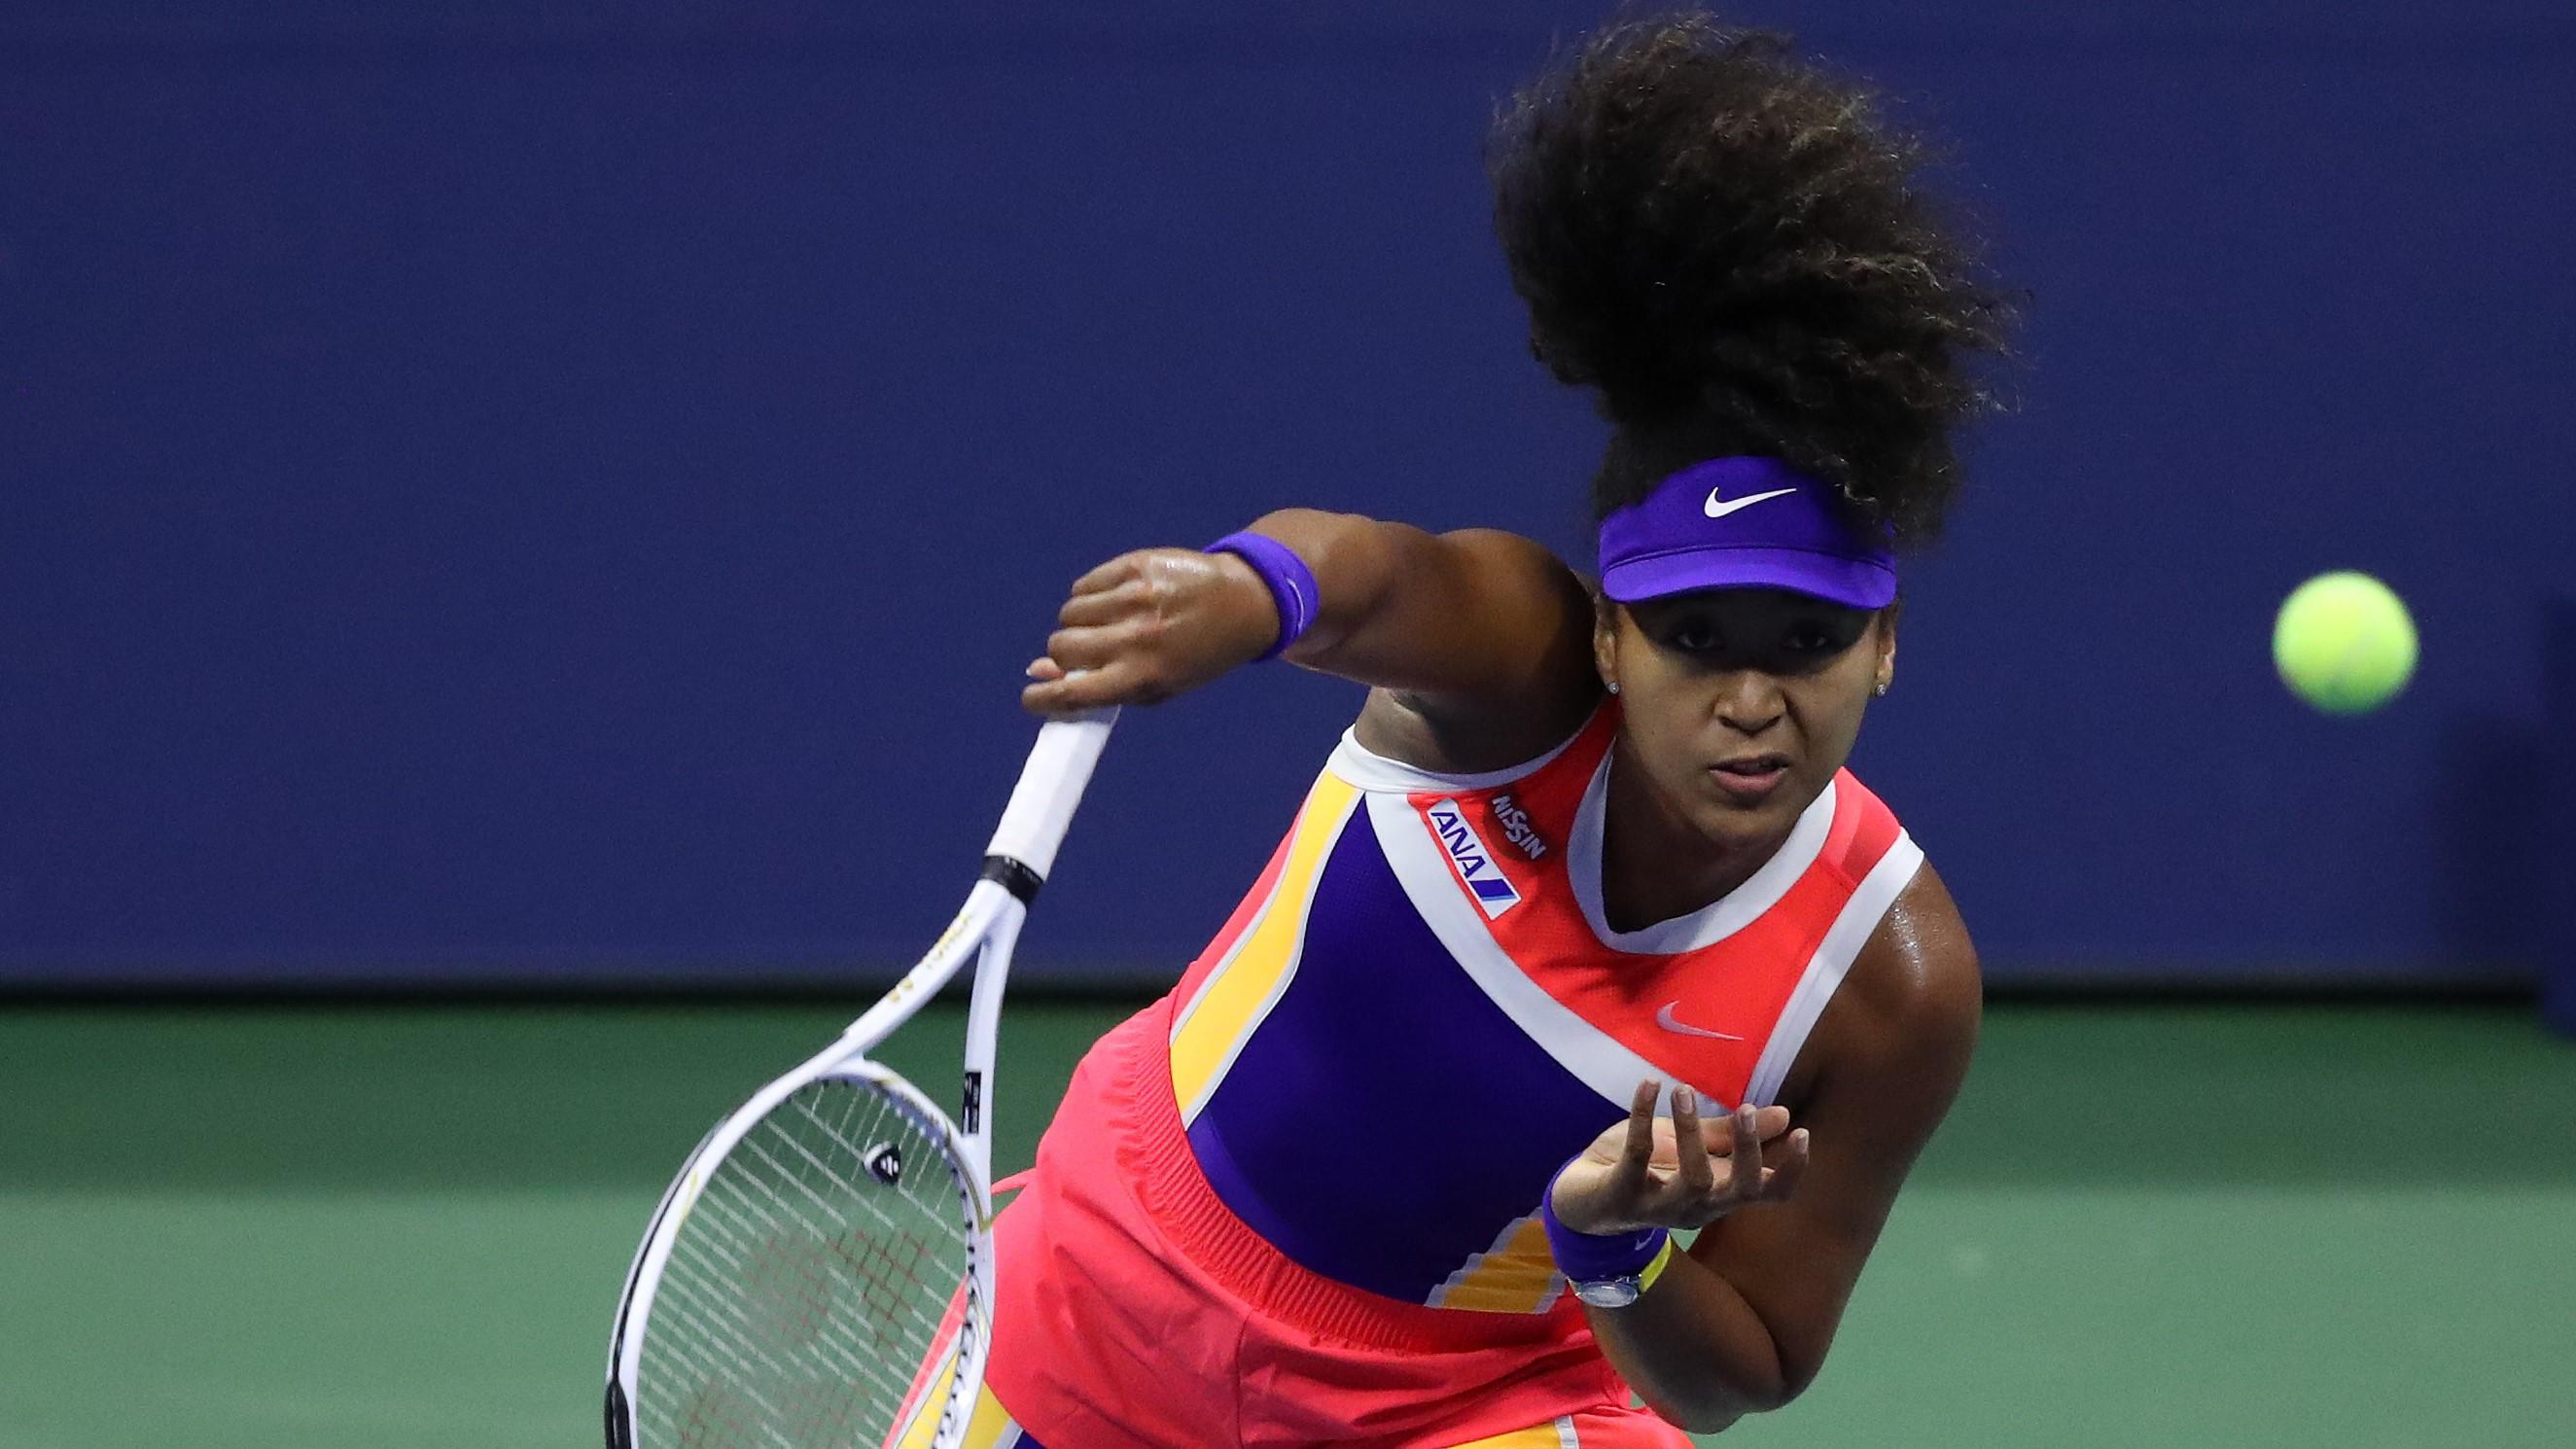 Naomi Osaka playing tennis at the US Open